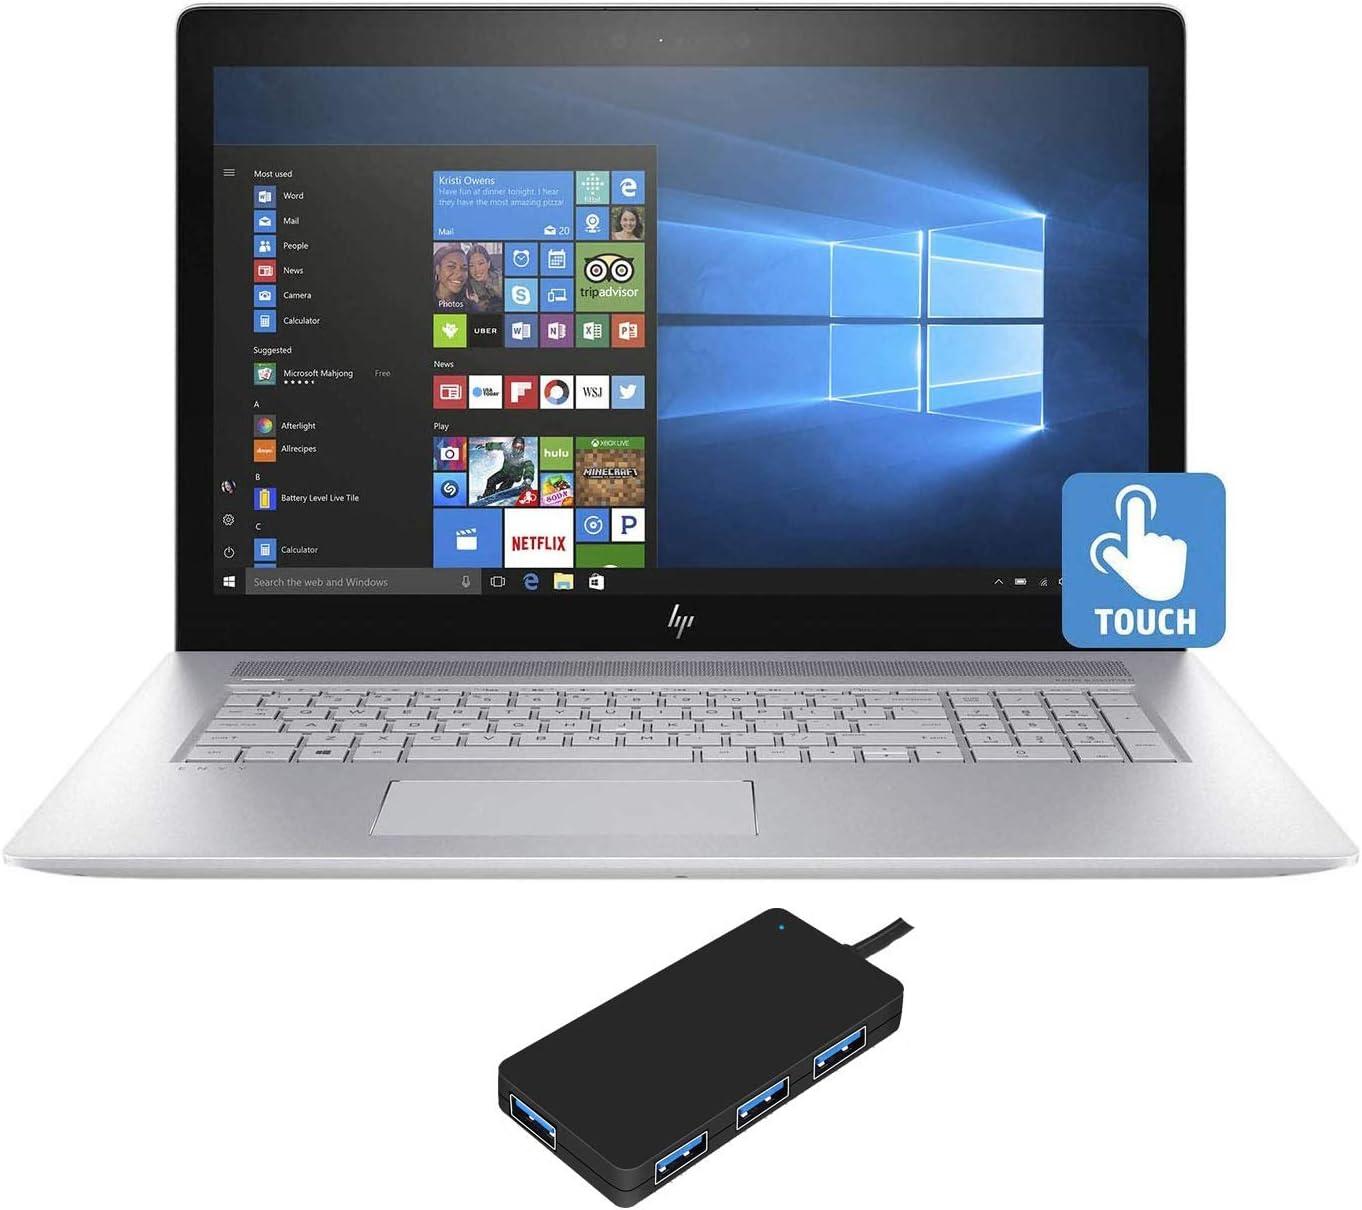 """HP Envy - 17t (2019) 10th Gen Laptop (Intel i7-10510U 4-Core, 16GB RAM, 512GB m.2 SATA SSD + 1TB HDD, NVIDIA GeForce MX250, 17.3"""" Touch Full HD (1920x1080), Fingerprint, WiFi, Win 10 Home)"""